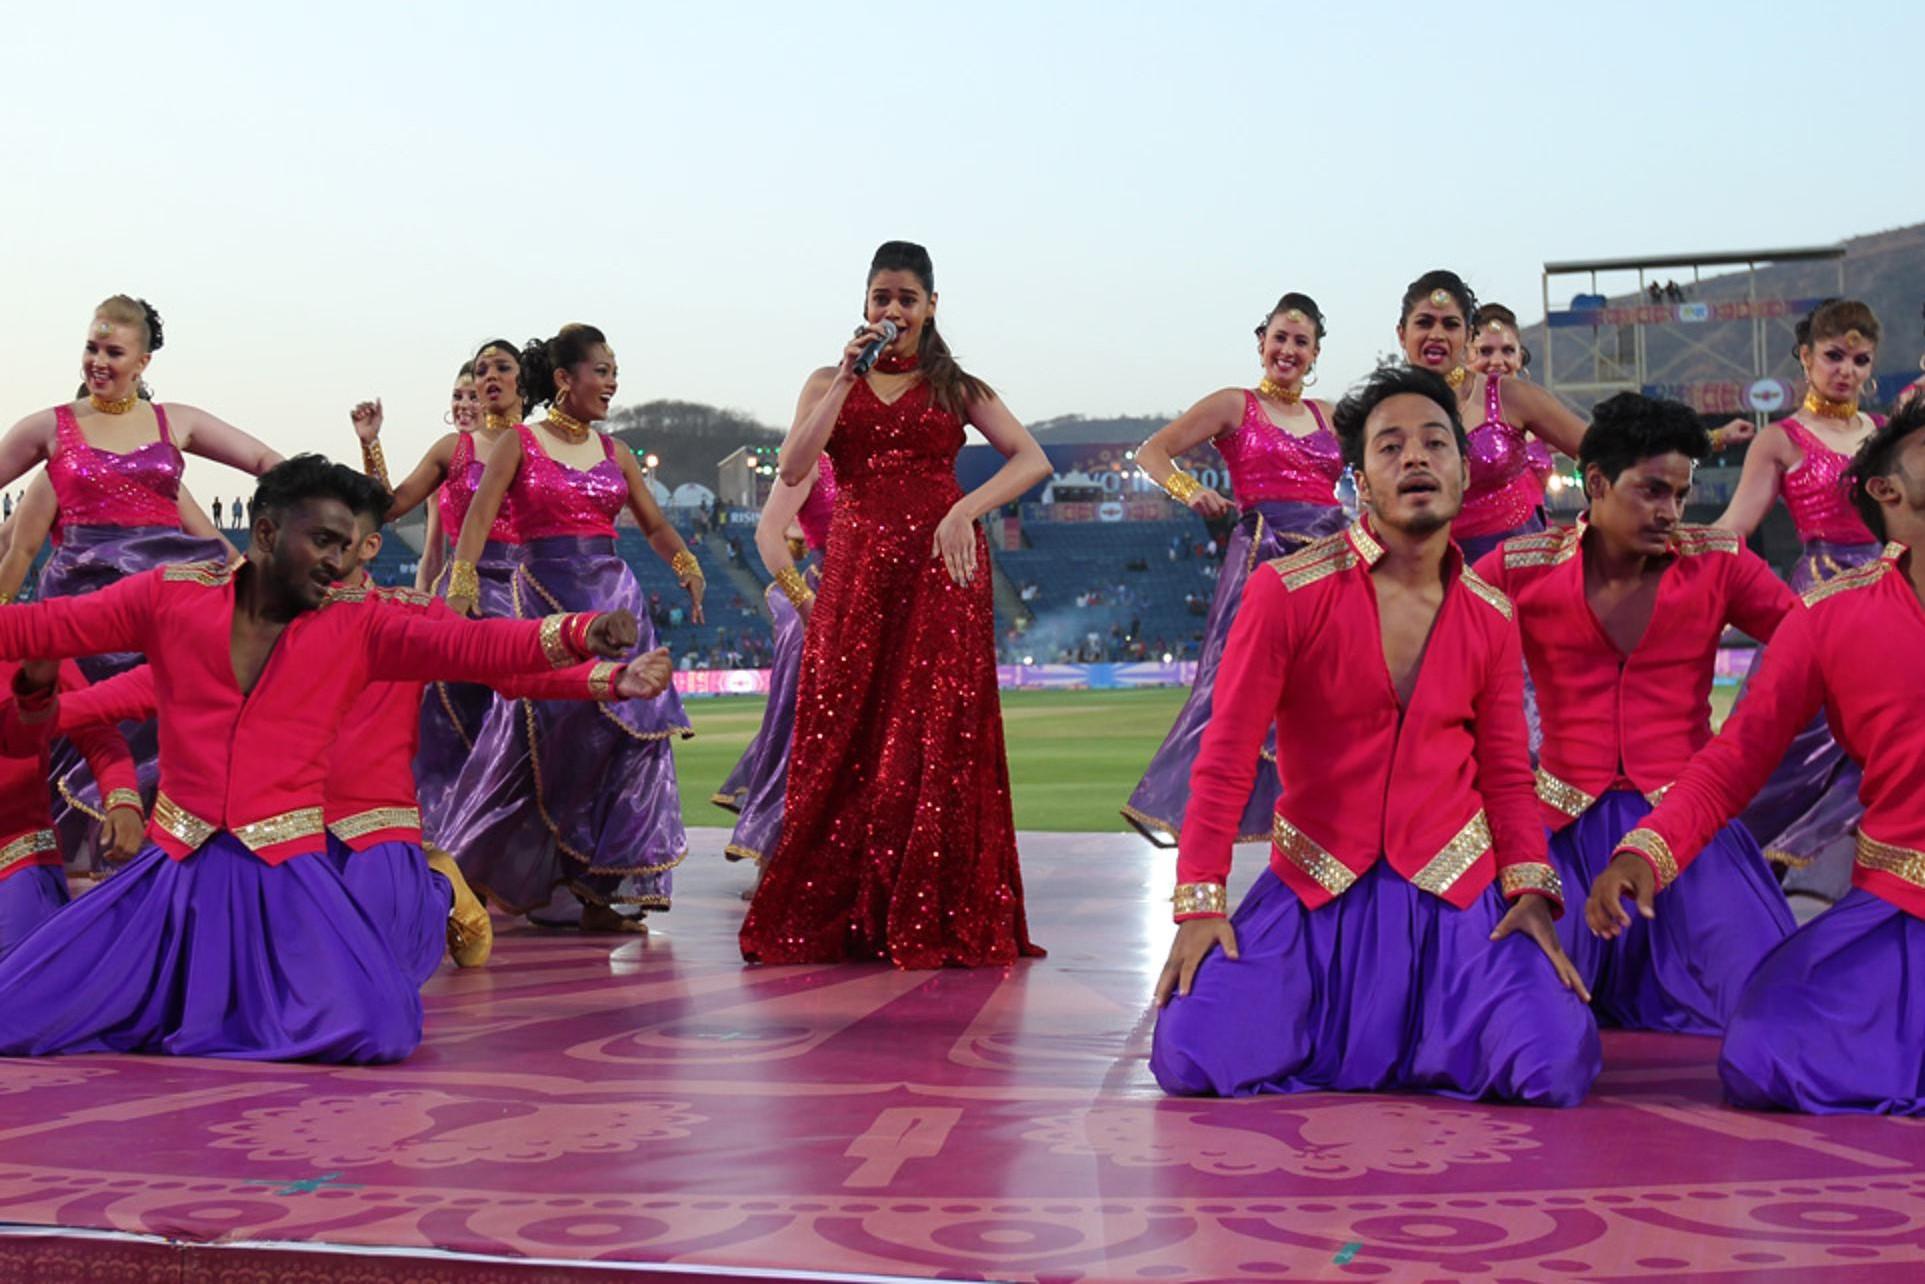 IPL 10: पुणे में हुई आईपीएल के दसवें सत्र की दूसरी जोरदार ओपनिंग सेरेमनी, तस्वीरों में देखे झलक